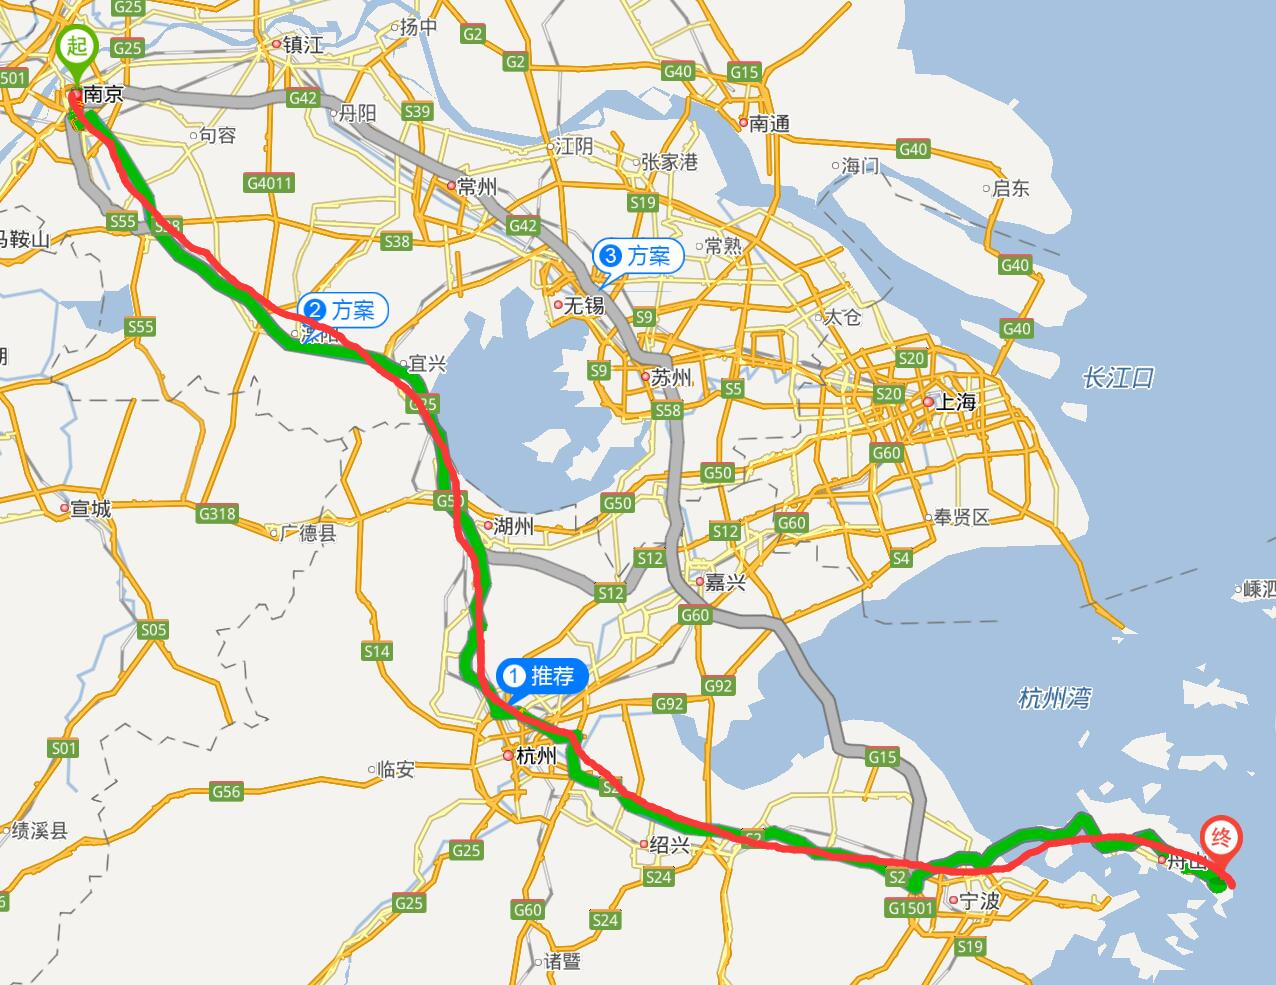 从南京到舟山朱家尖自驾怎么走,那条高速最快?经过杭州吗